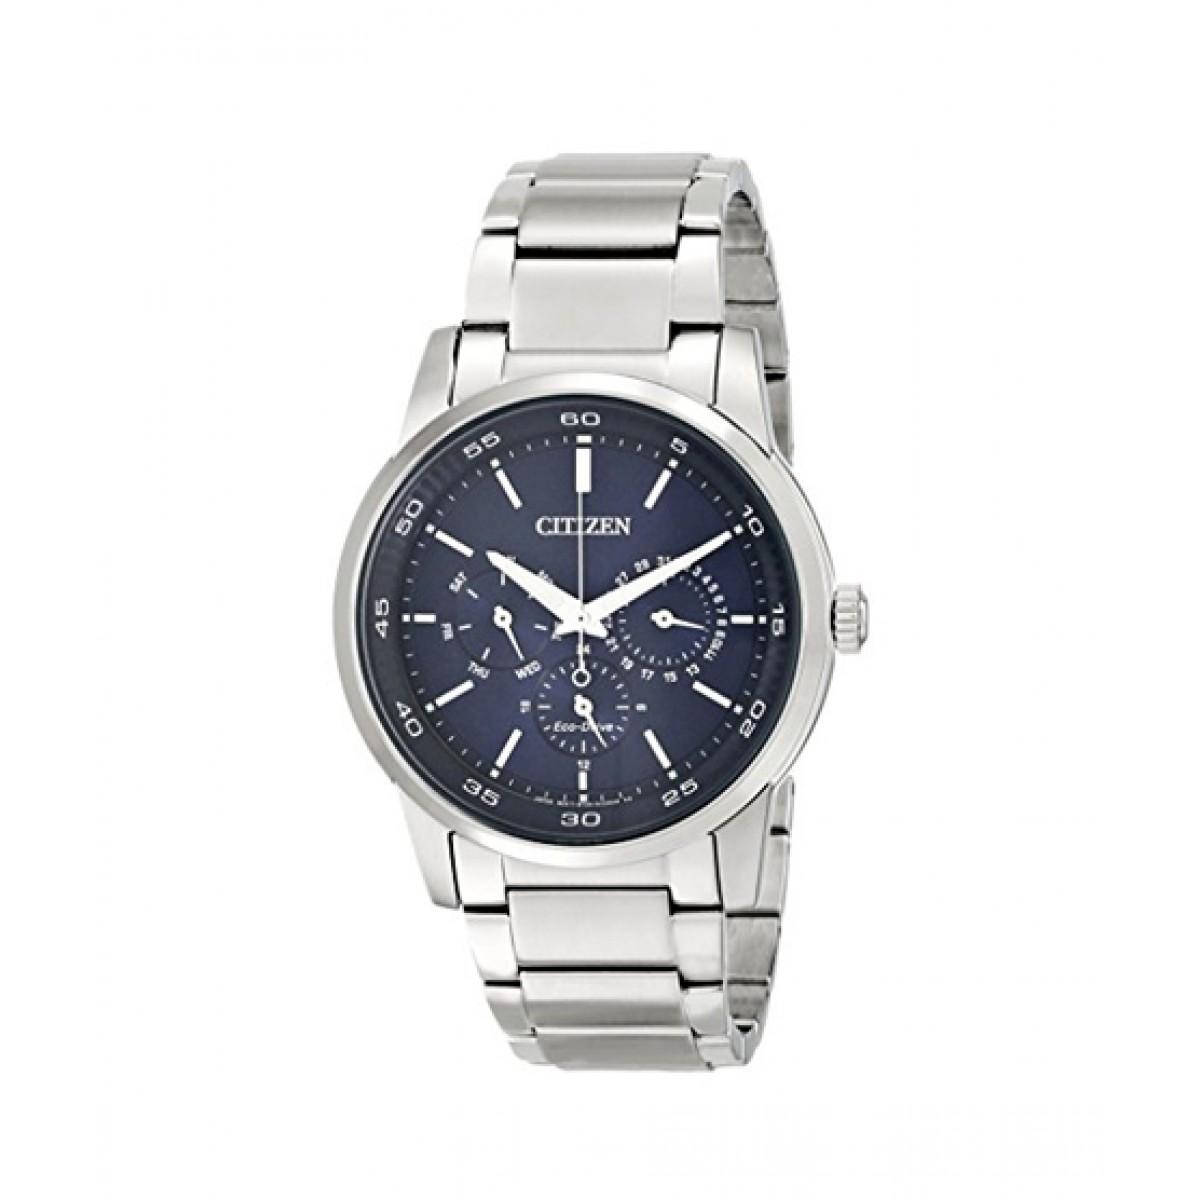 Citizen Eco-Drive Dress Men's Watch Silver (BU2010-57L)